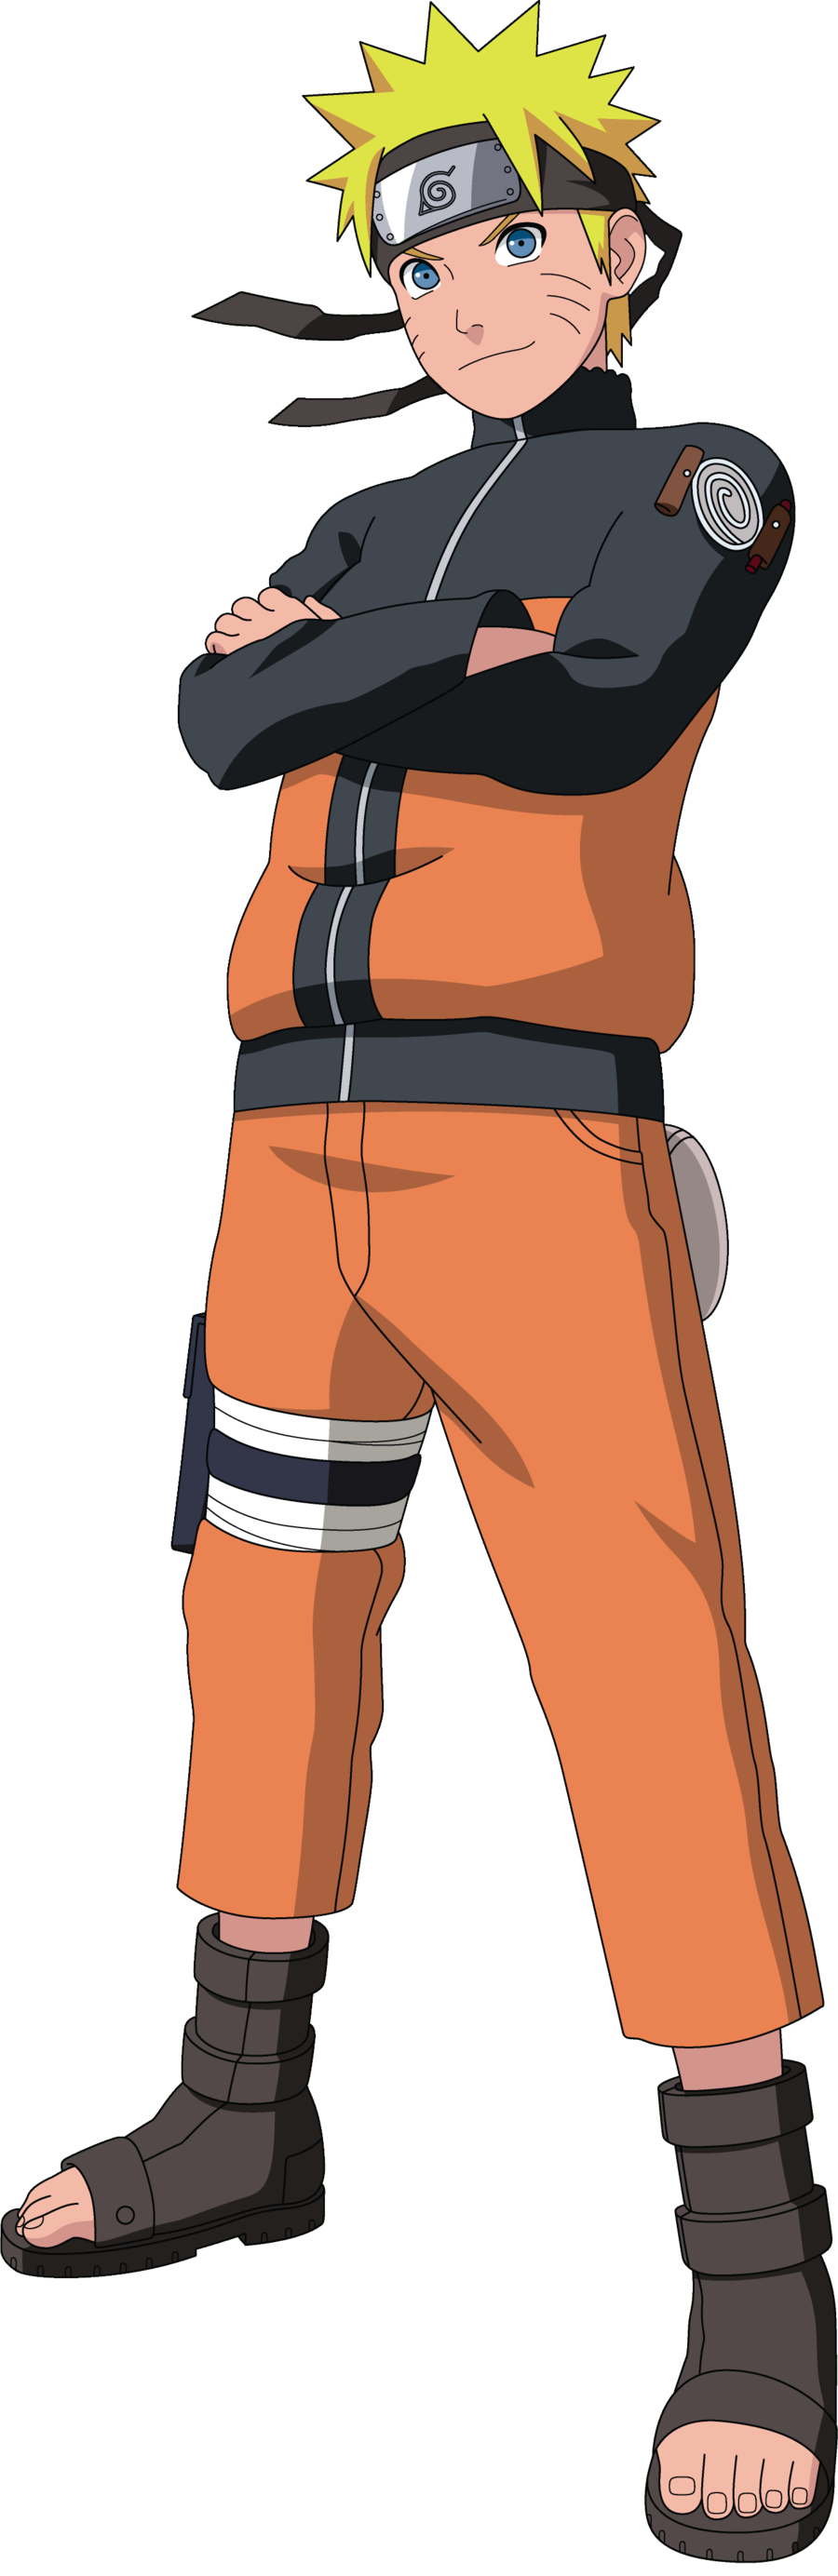 Naruto (M.U.G.E.N Trilogy)